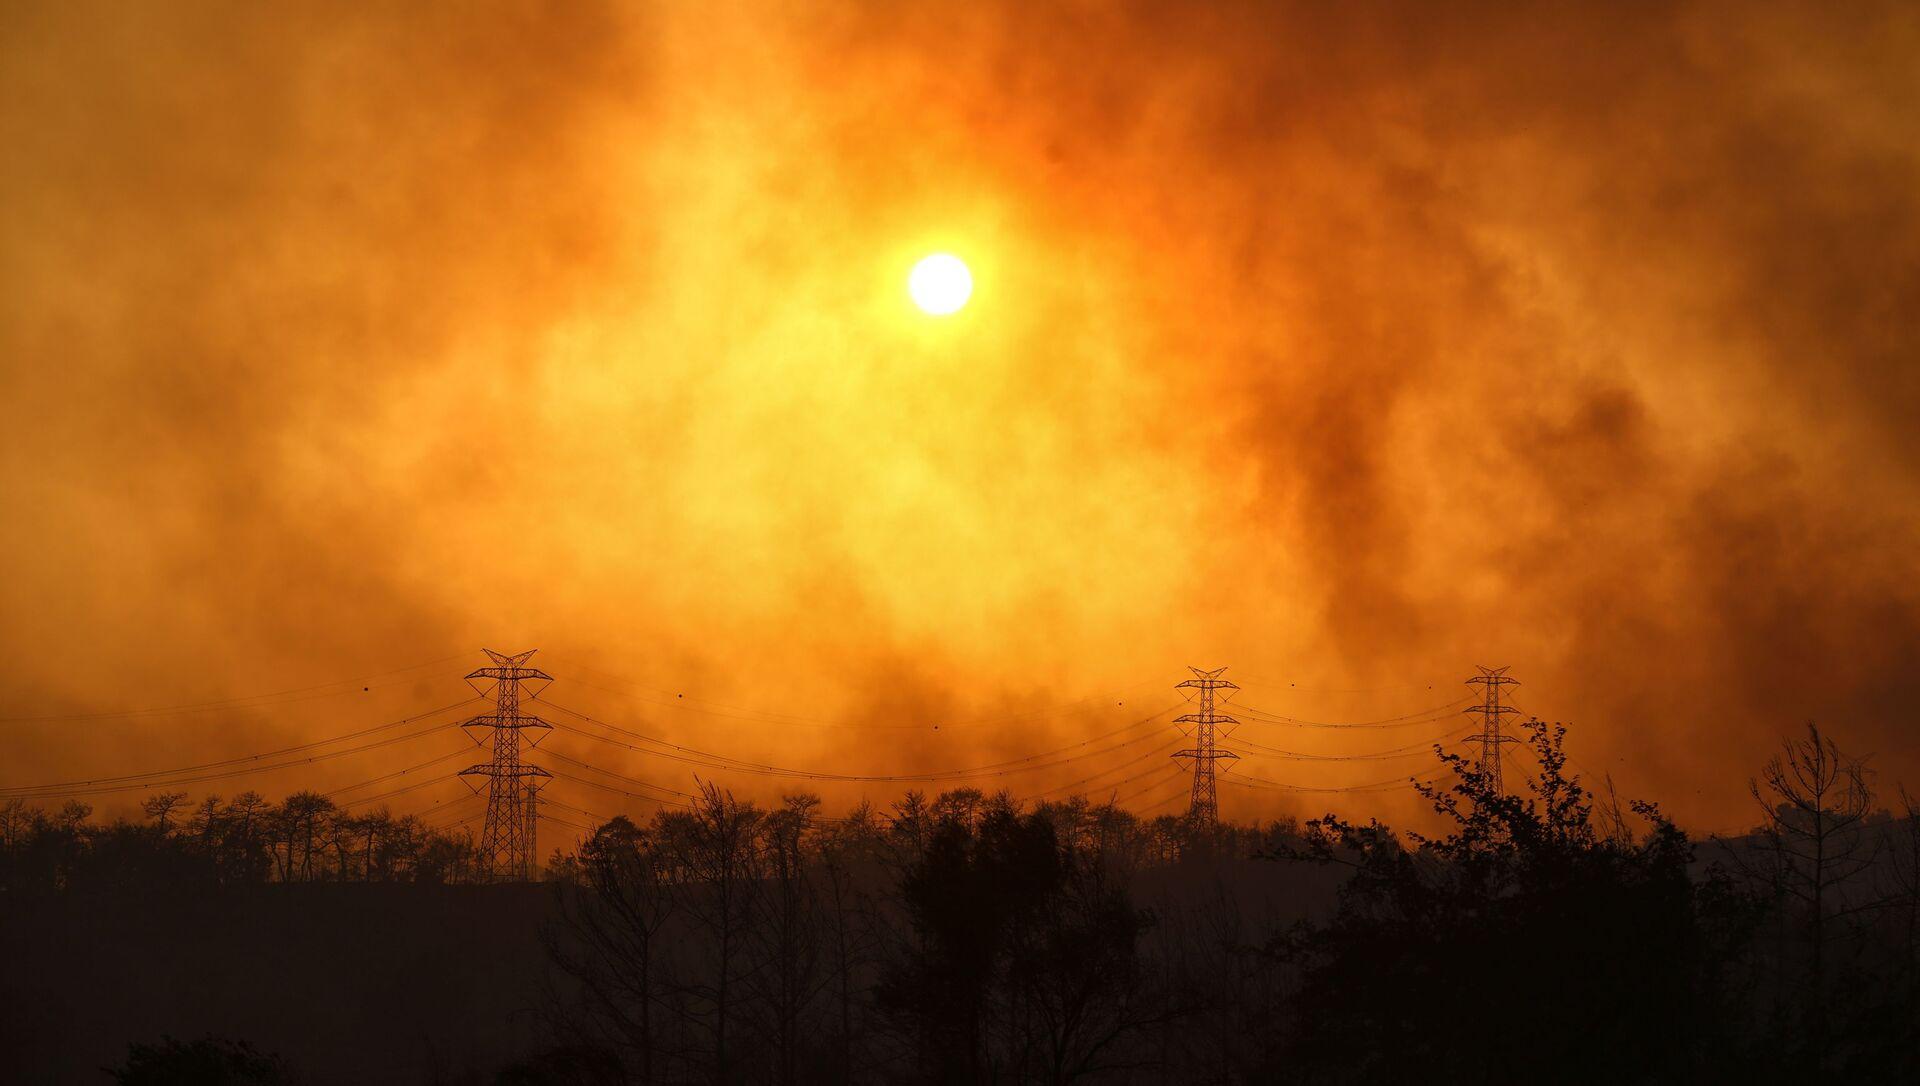 Manavgat yakınlarındaki orman yangınından yükselen dumanlar. - Sputnik Türkiye, 1920, 29.07.2021